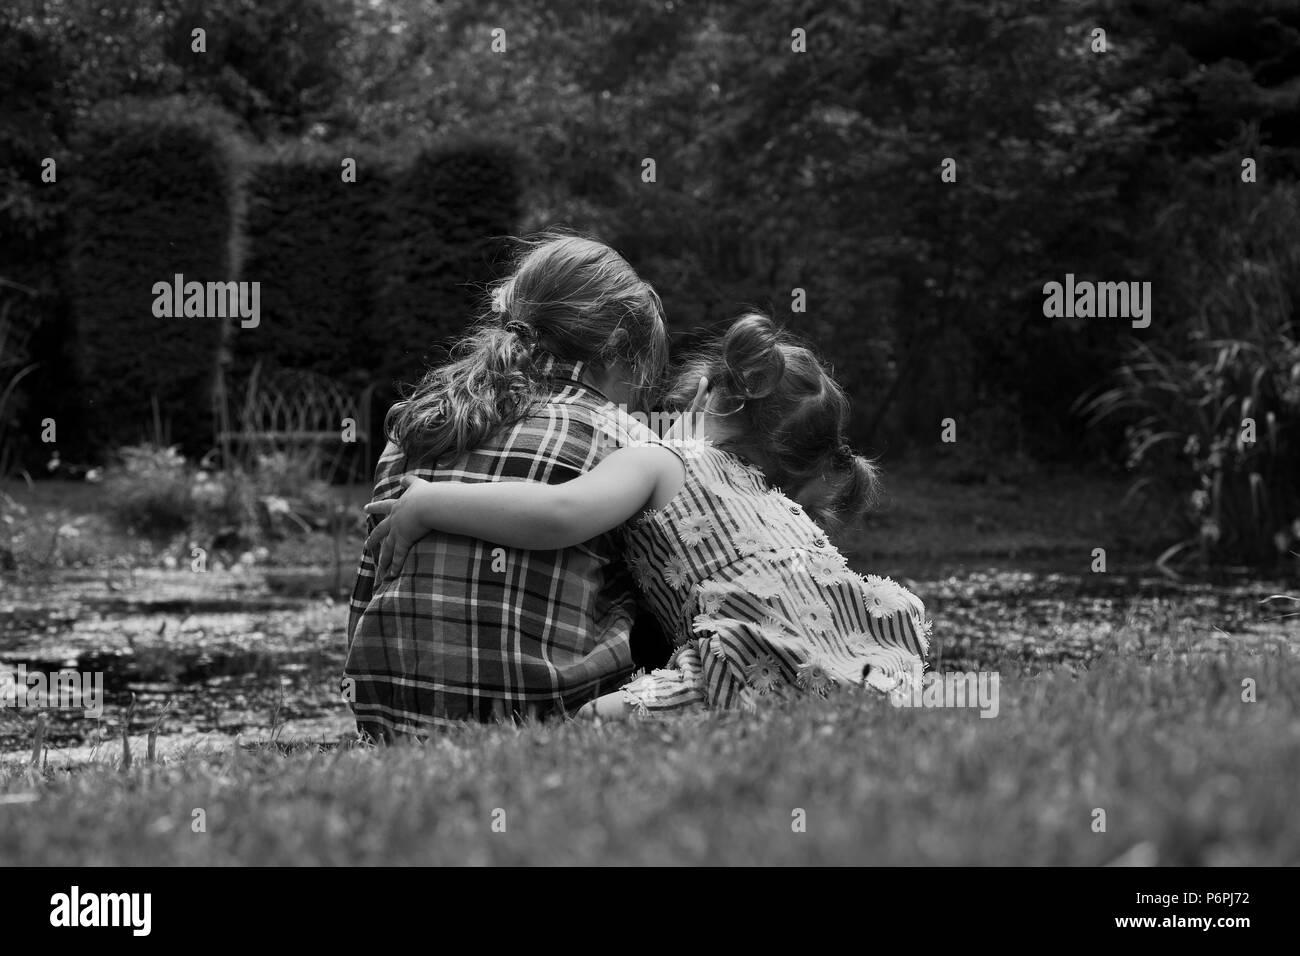 Bambina che abbraccia il suo amico da un laghetto. Immagini Stock